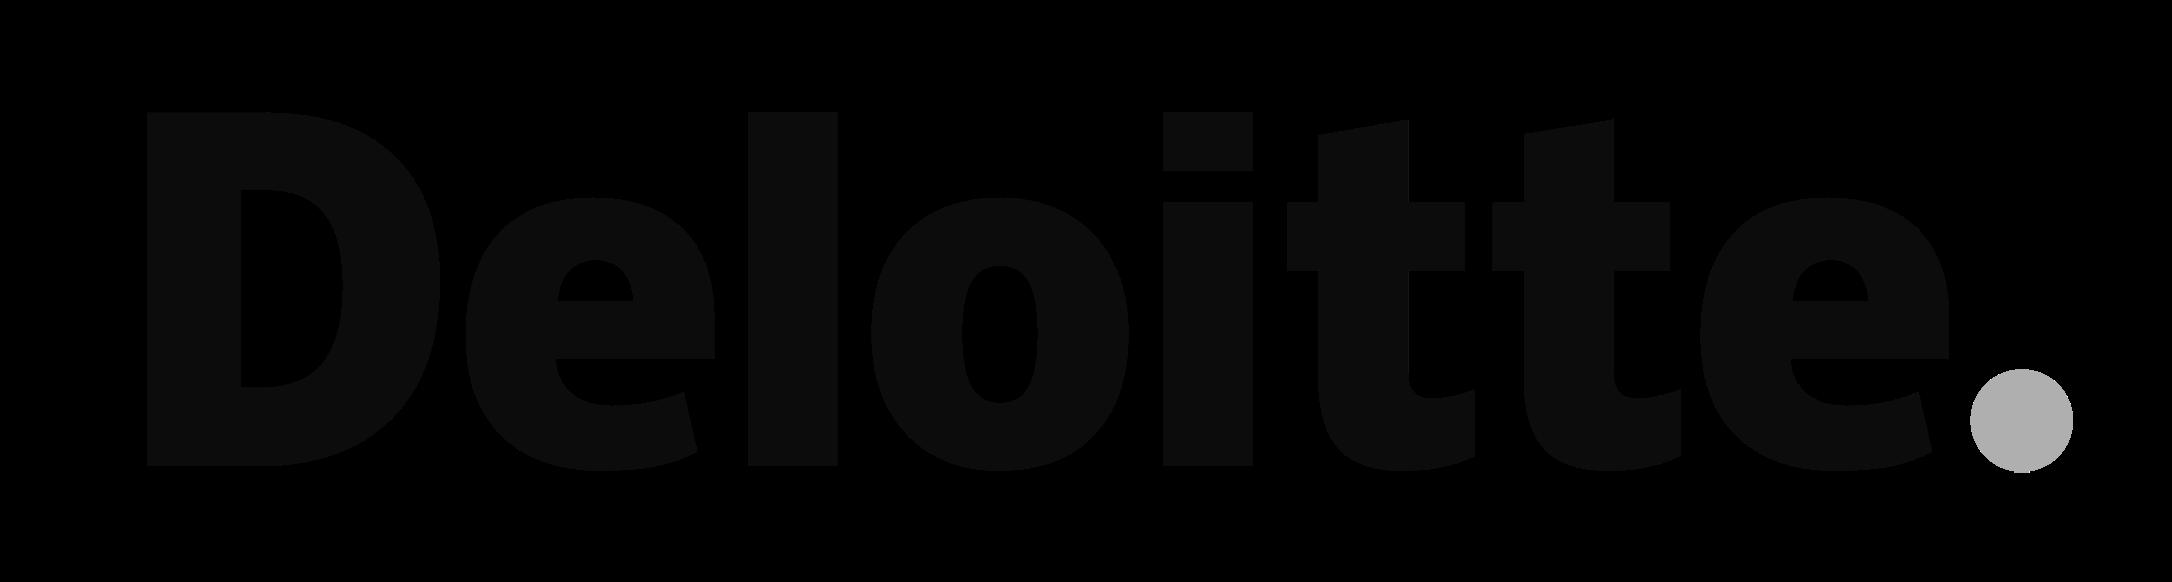 delloite logo.png